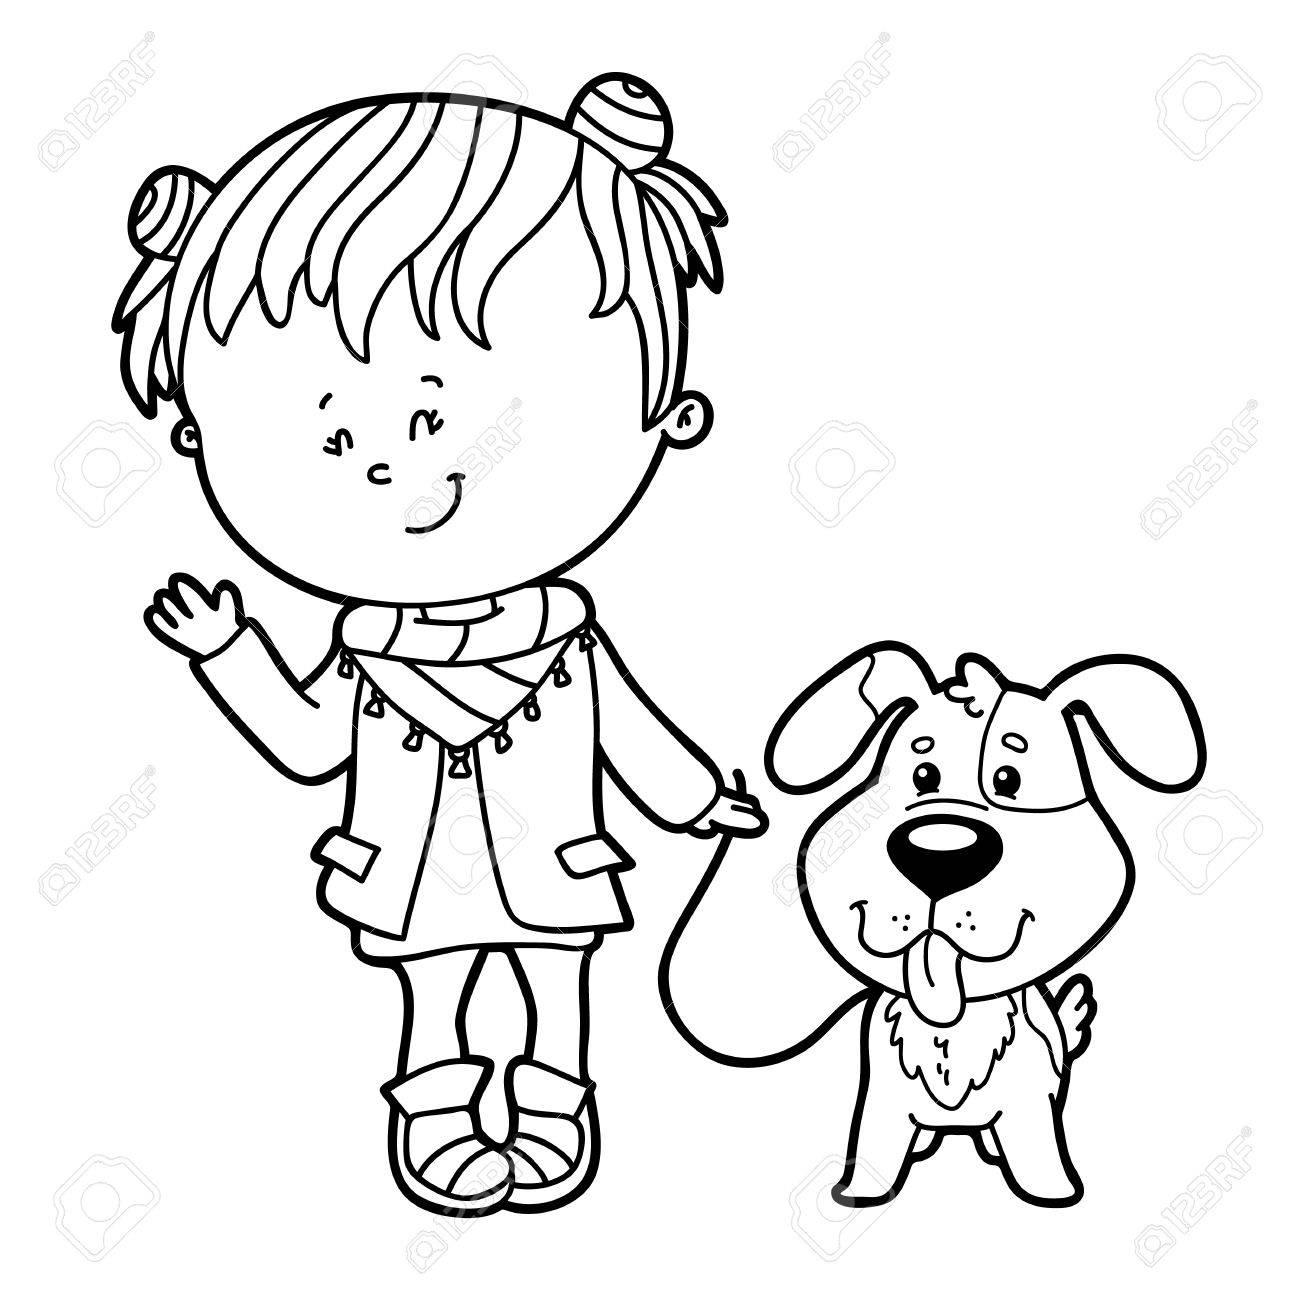 Ilustración Vectorial De Dibujos Animados Chica Linda Y El Carácter ...